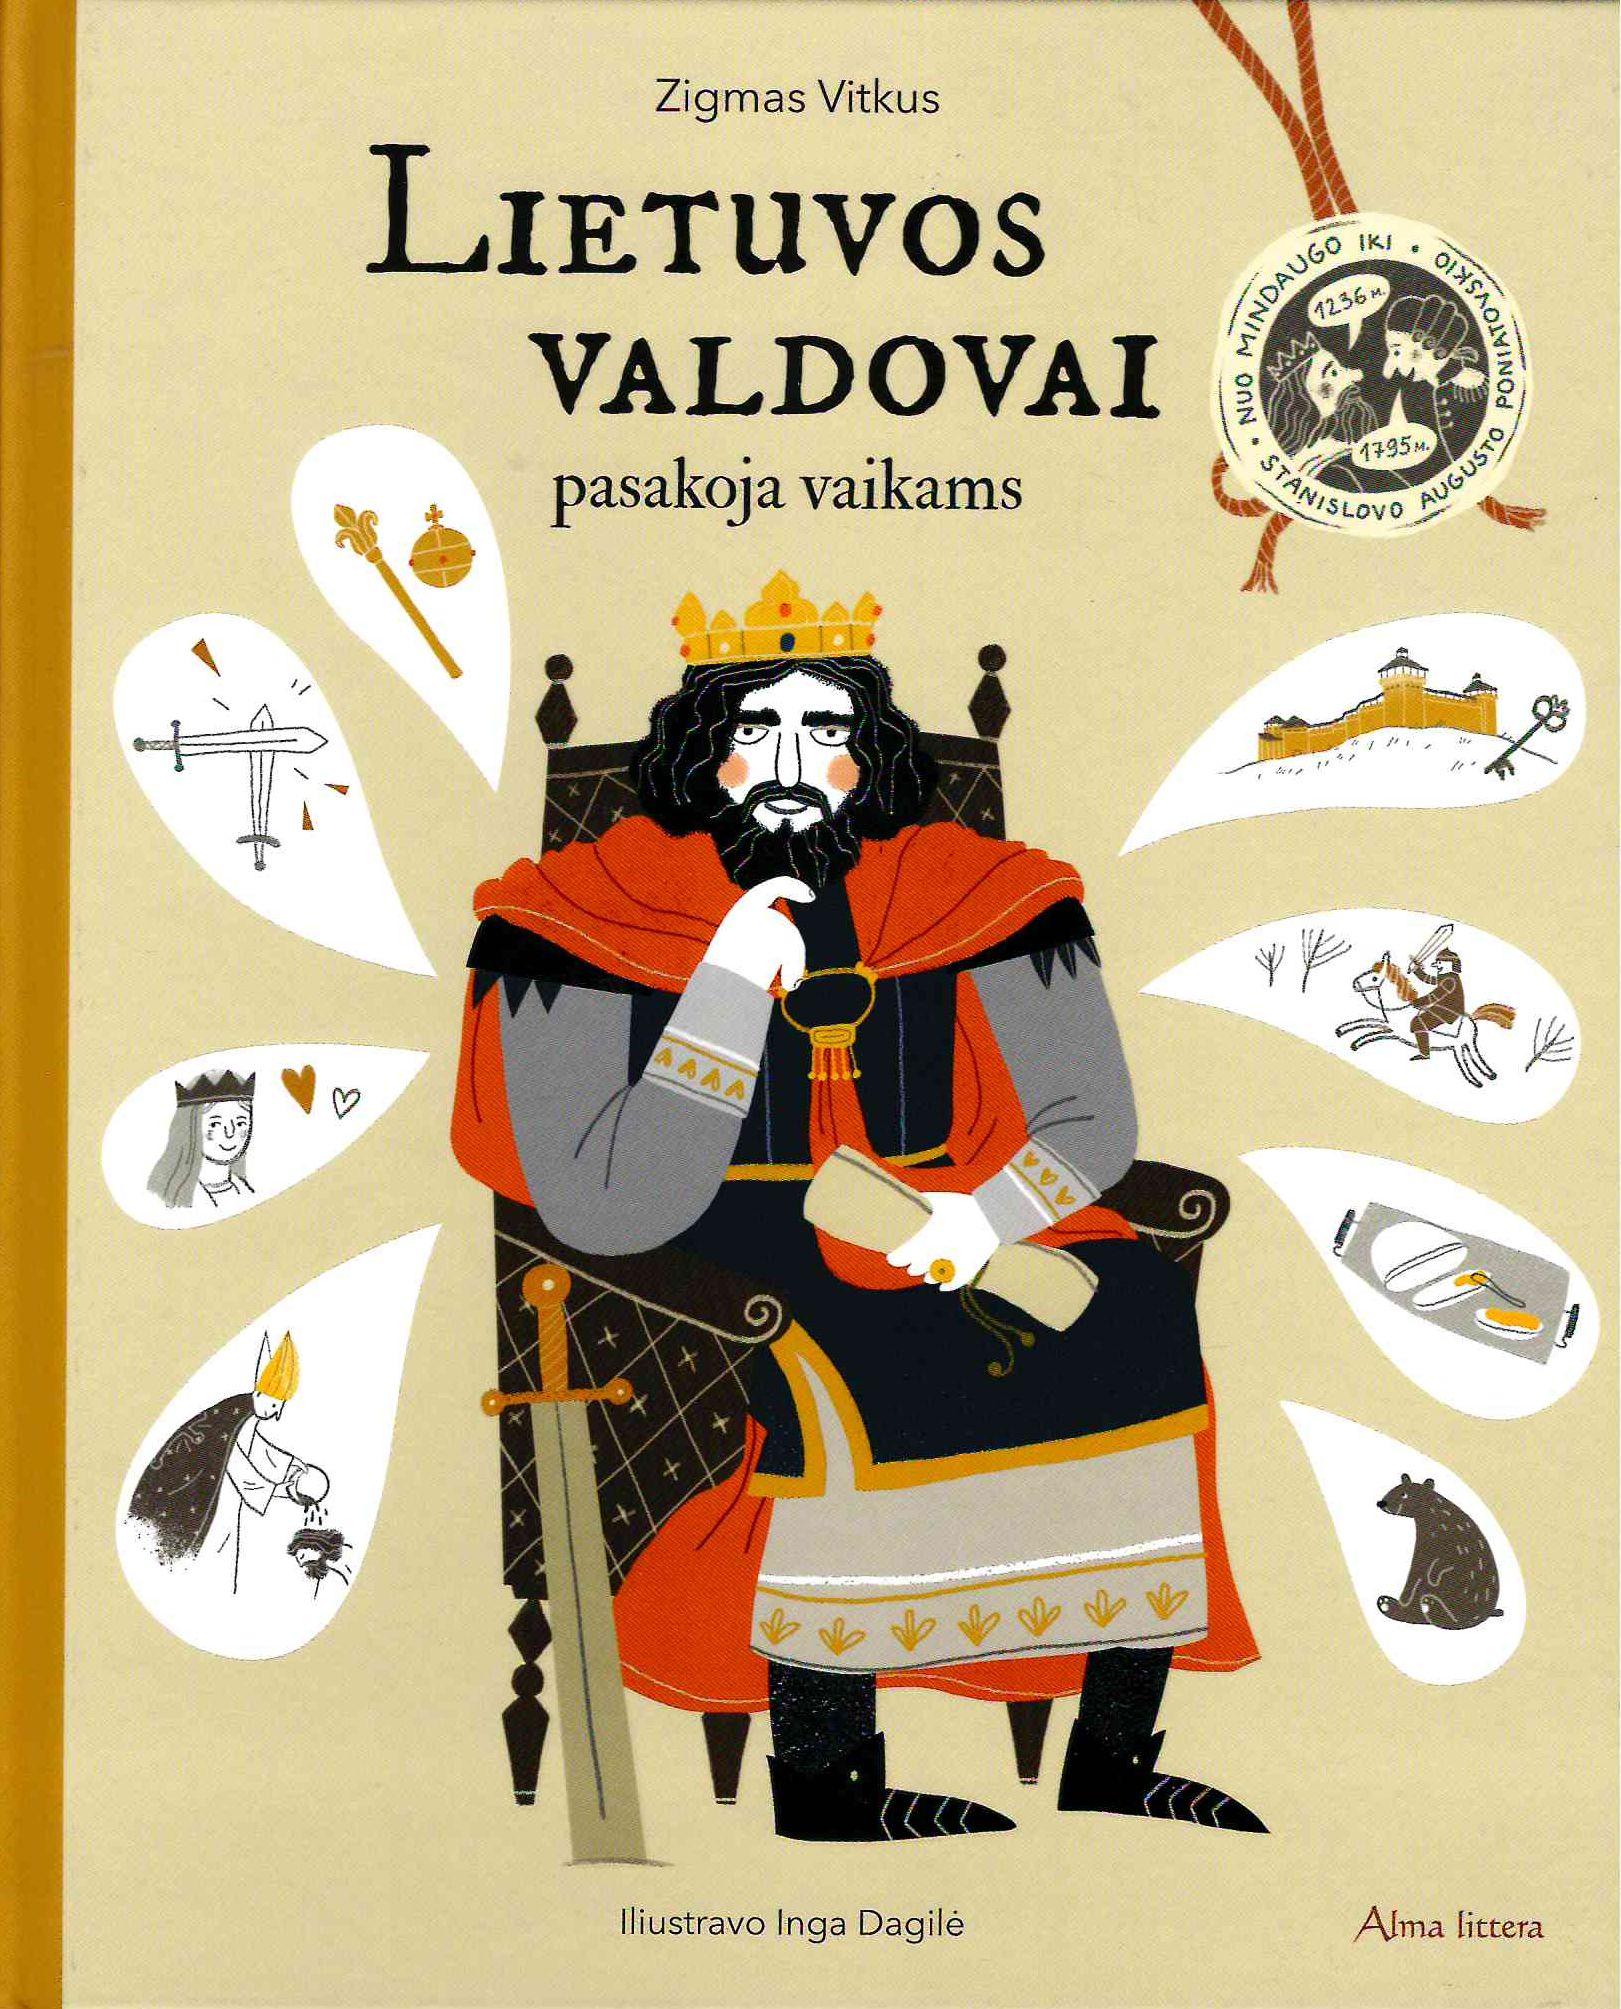 Lietuvos valdovai pasakoja vaikams